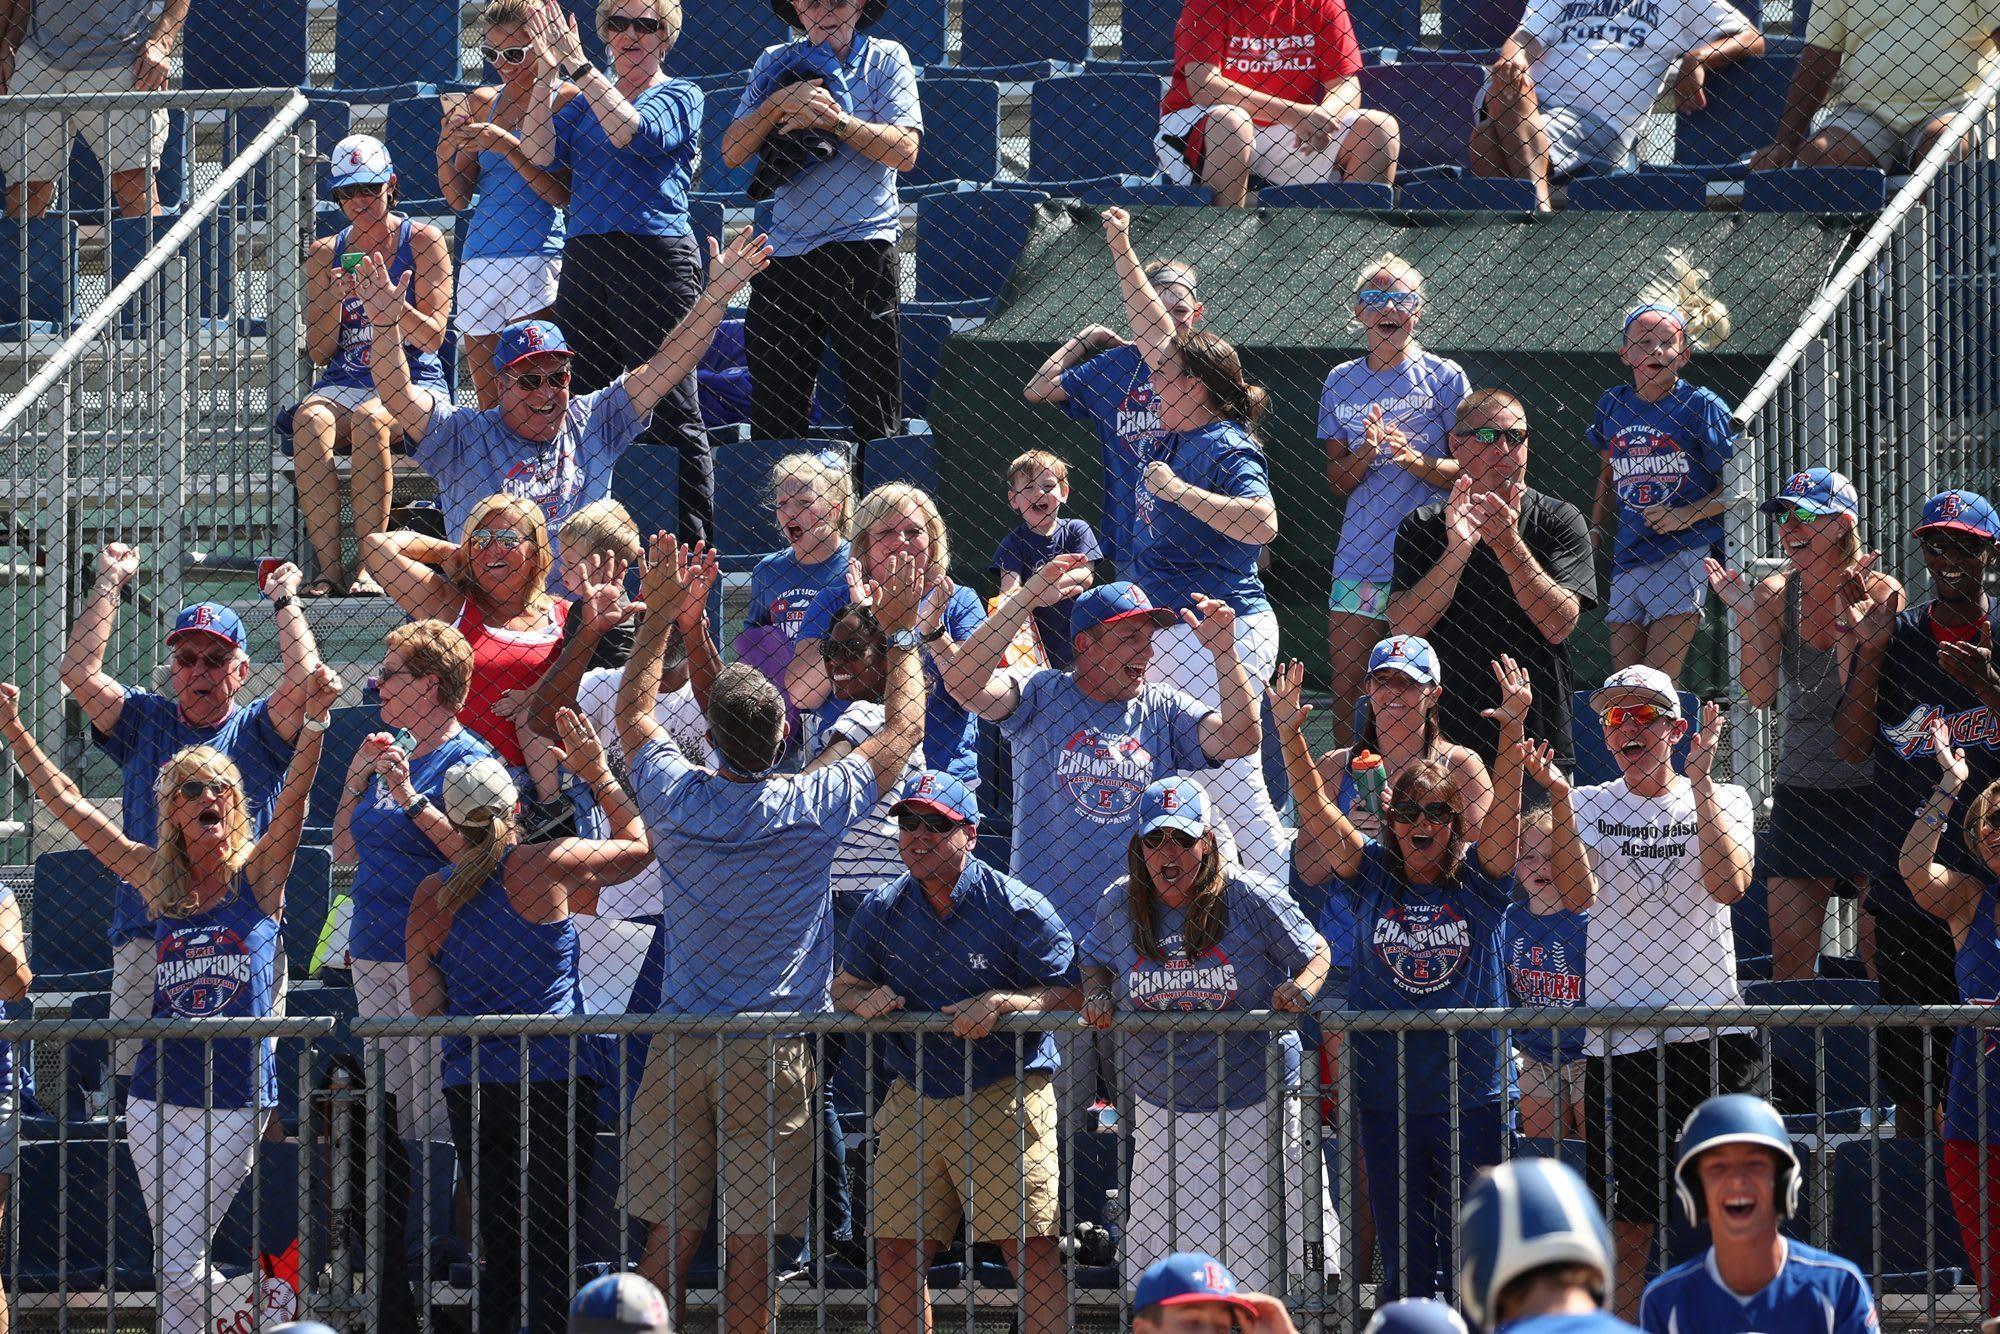 fans-celebrating-stands